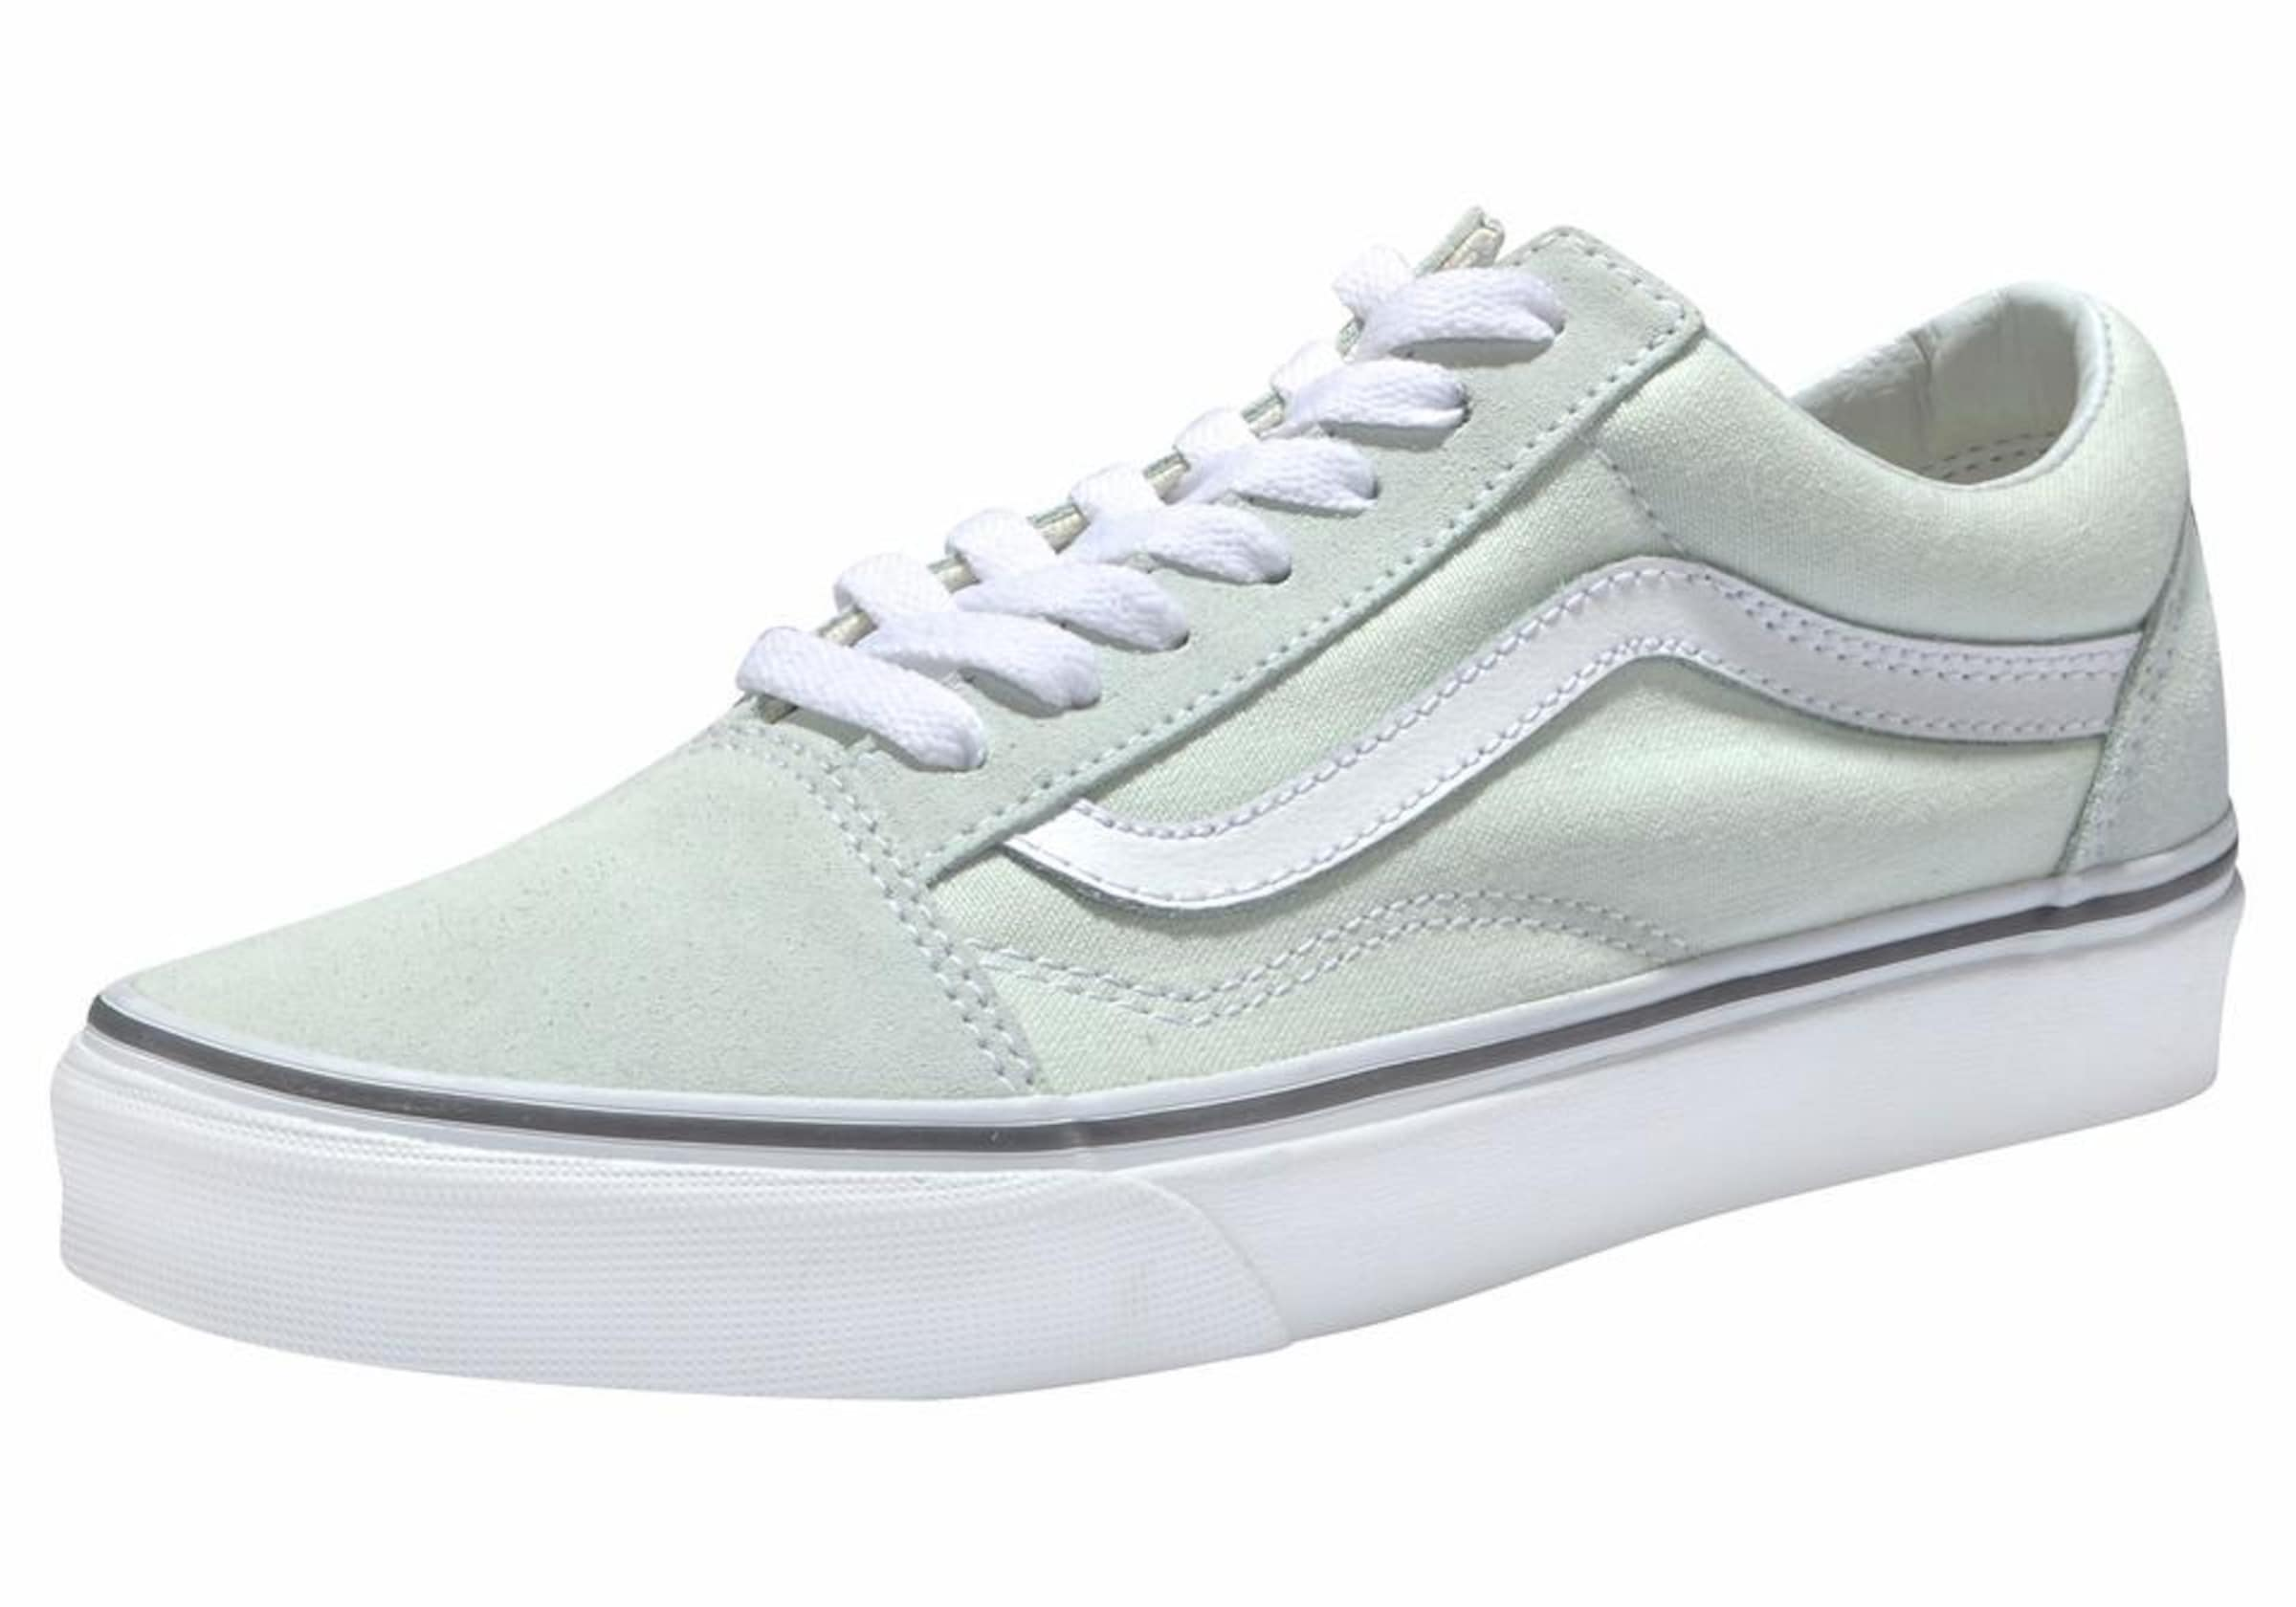 Chaussures Vans Brise Couche Ultra Gamme « Noir Dw6ZoI